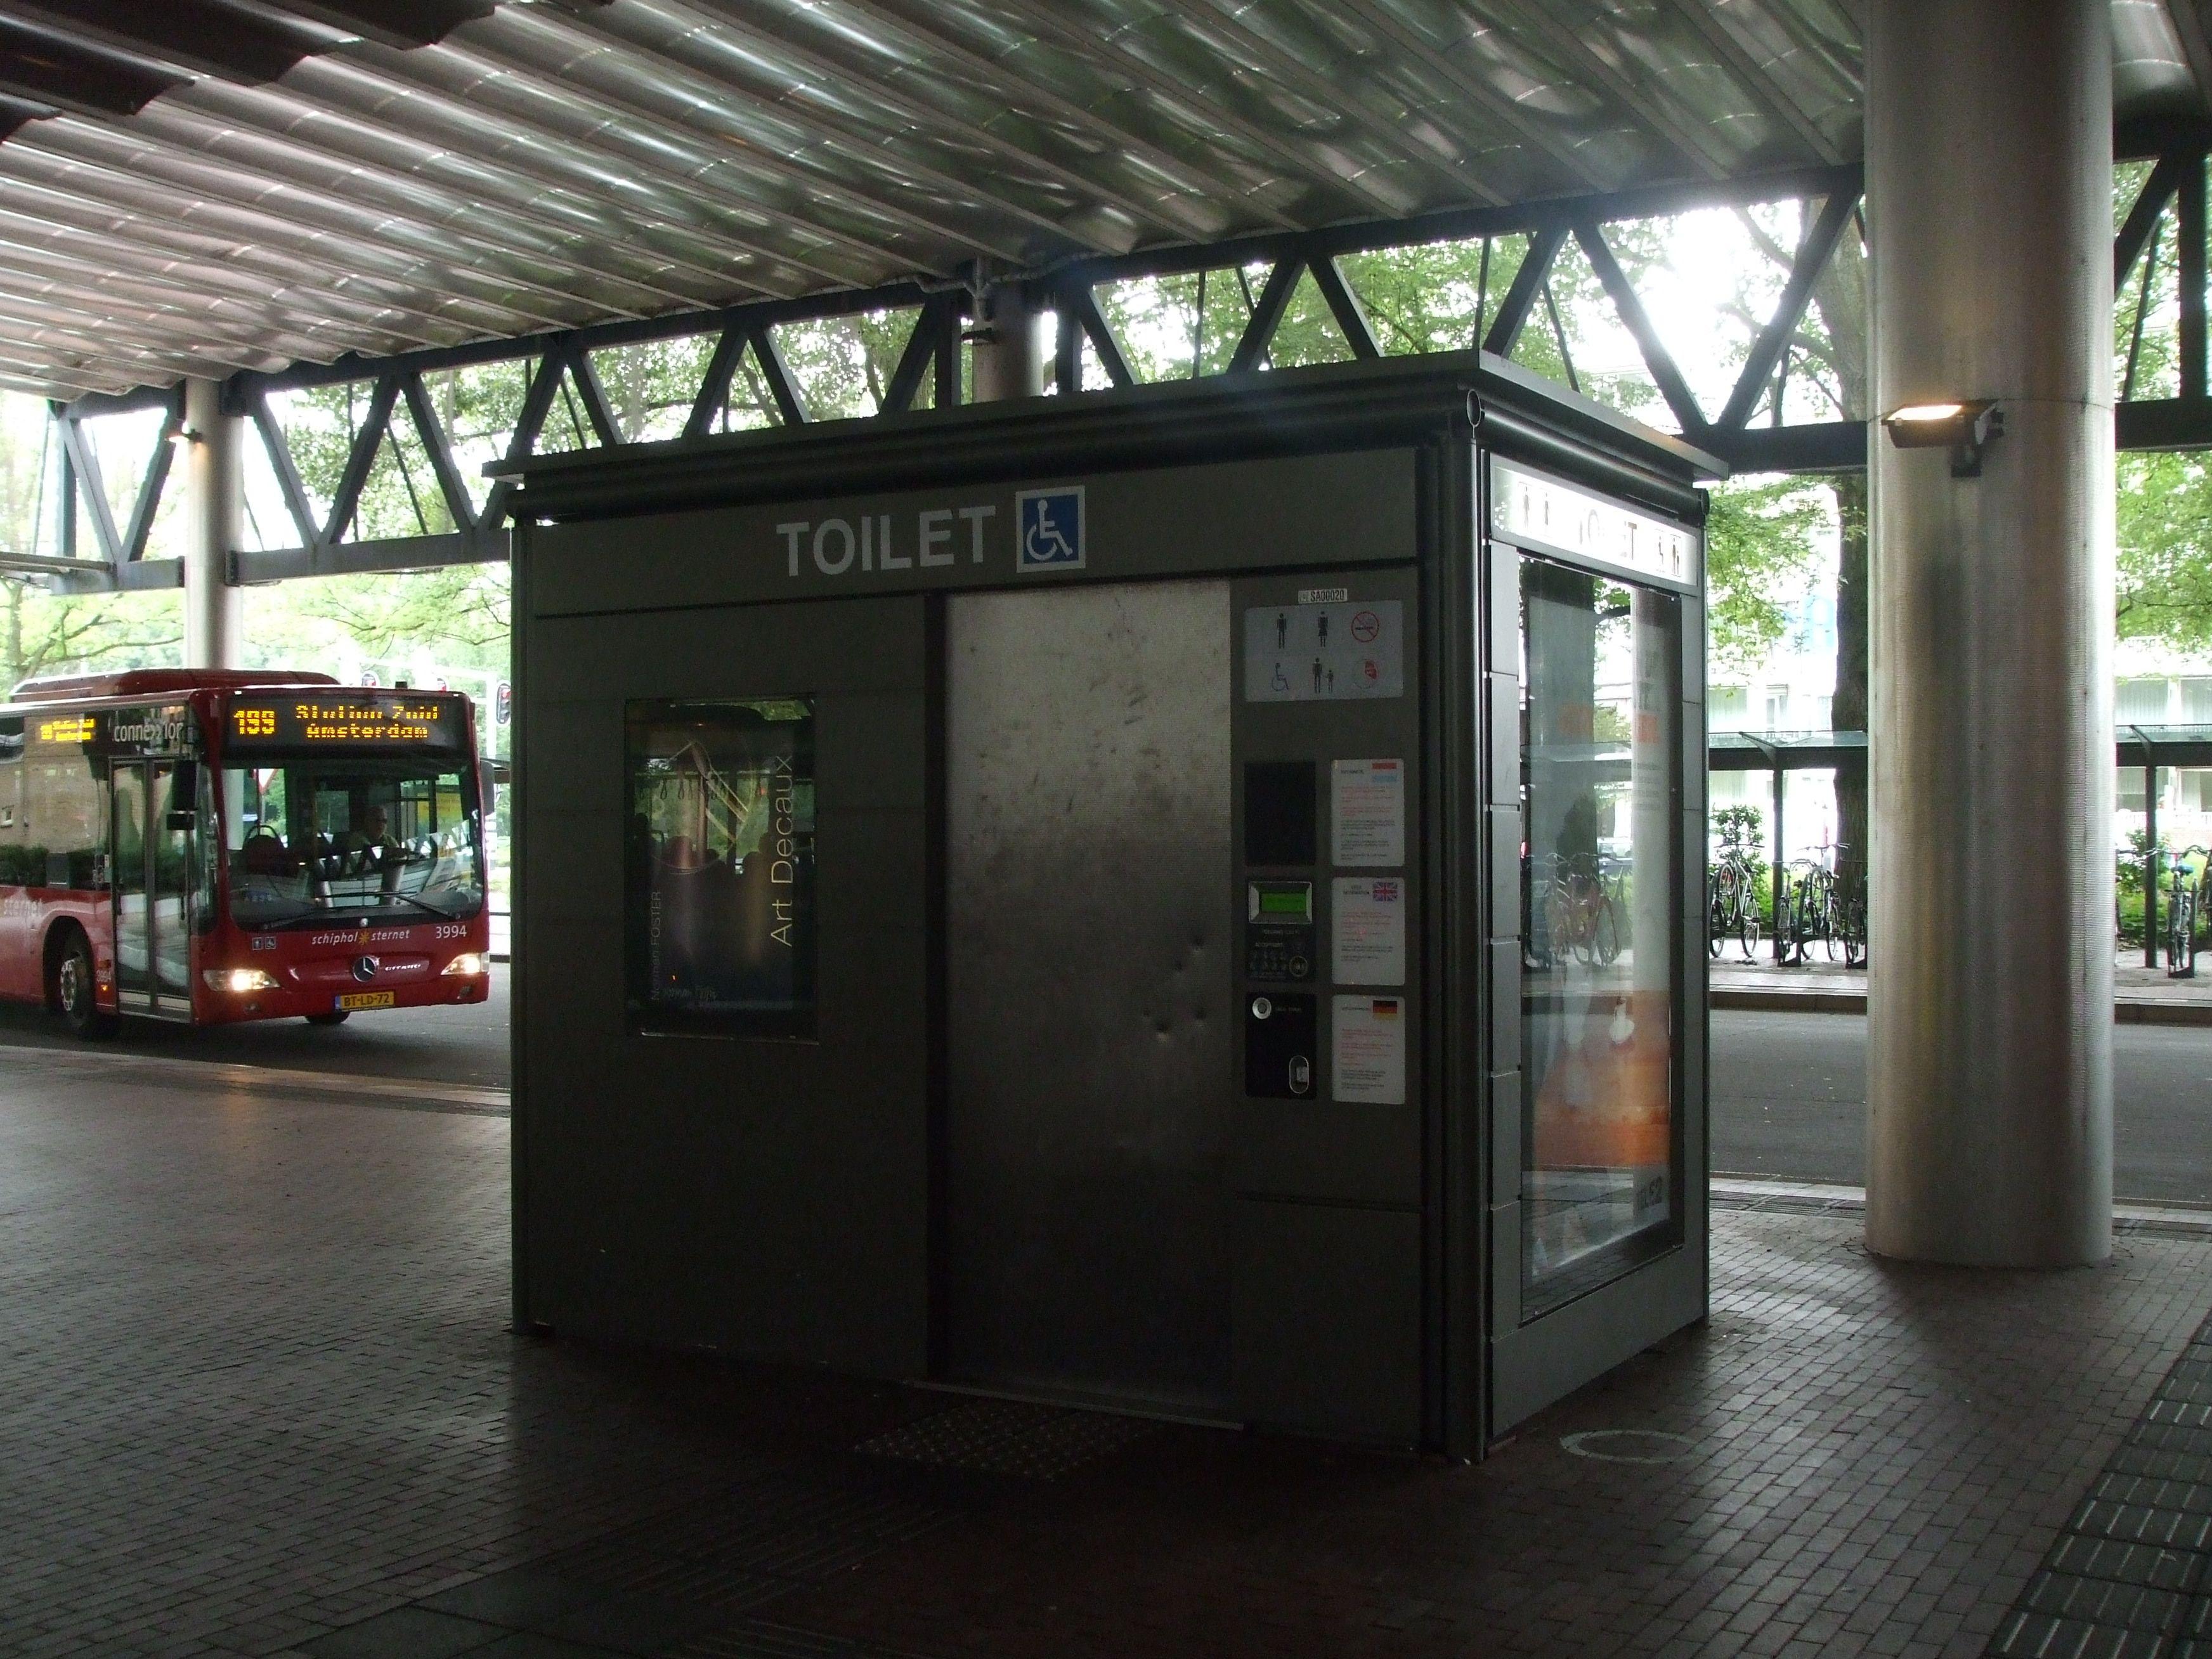 펍에서 술을 마시다 화장실에 가도 돈을 내야한다니..? 네덜란드의 가끔은 황당한 공공 화장실!